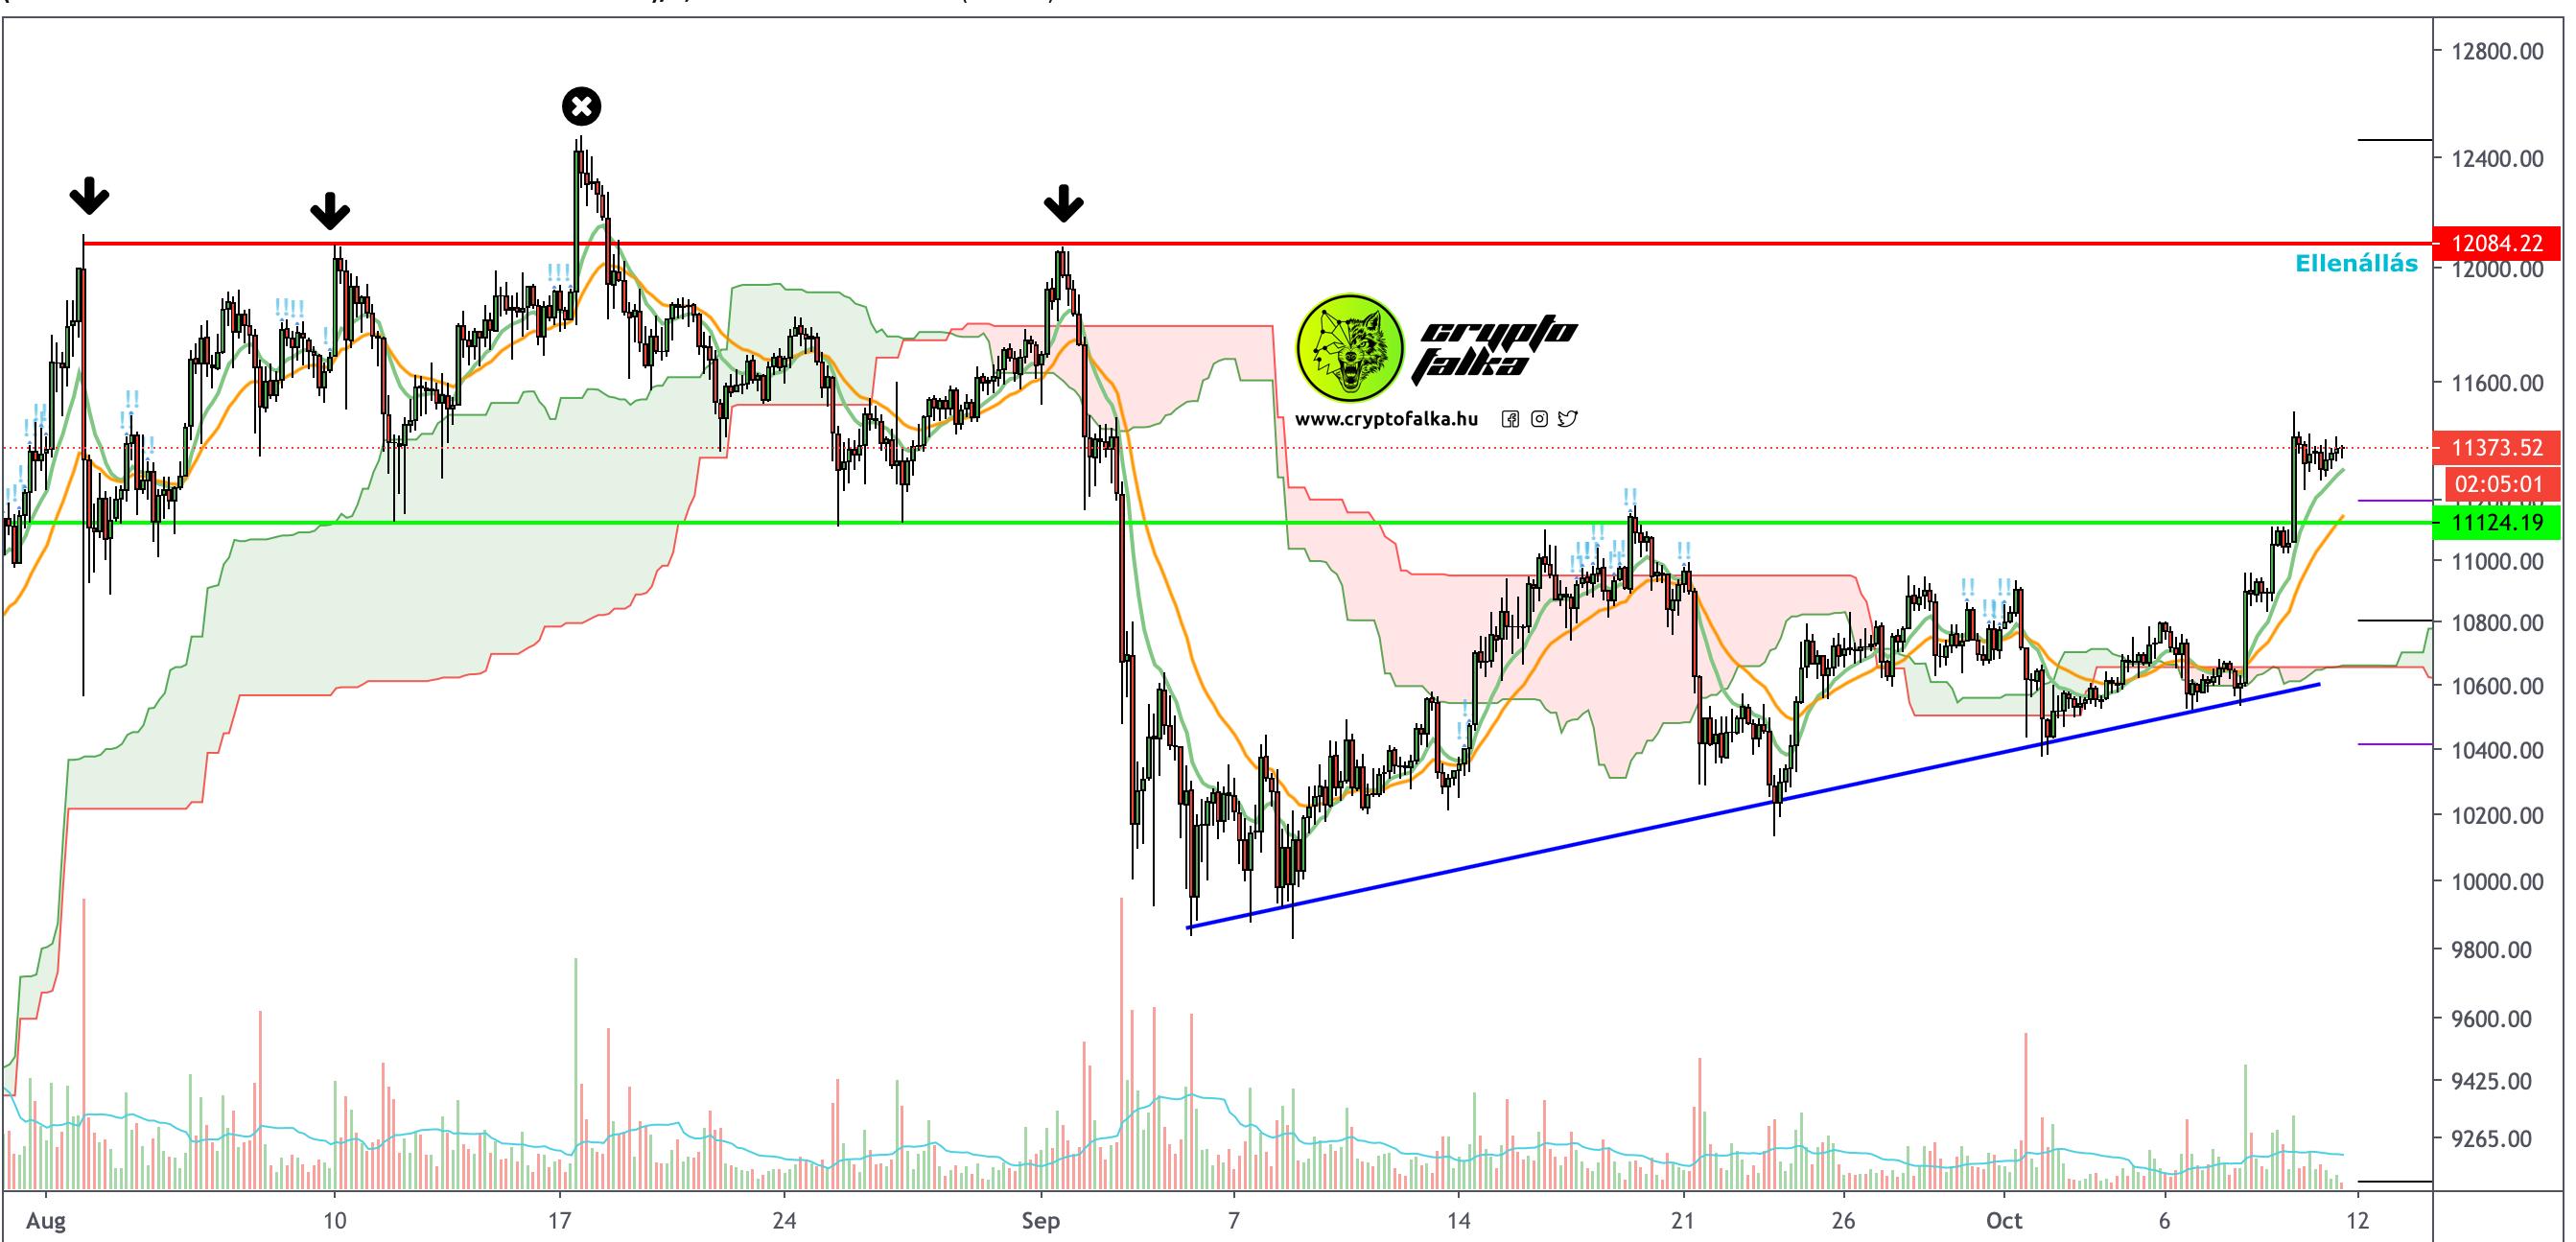 Bitcoin árfolyam elemzés I Cryptofalka